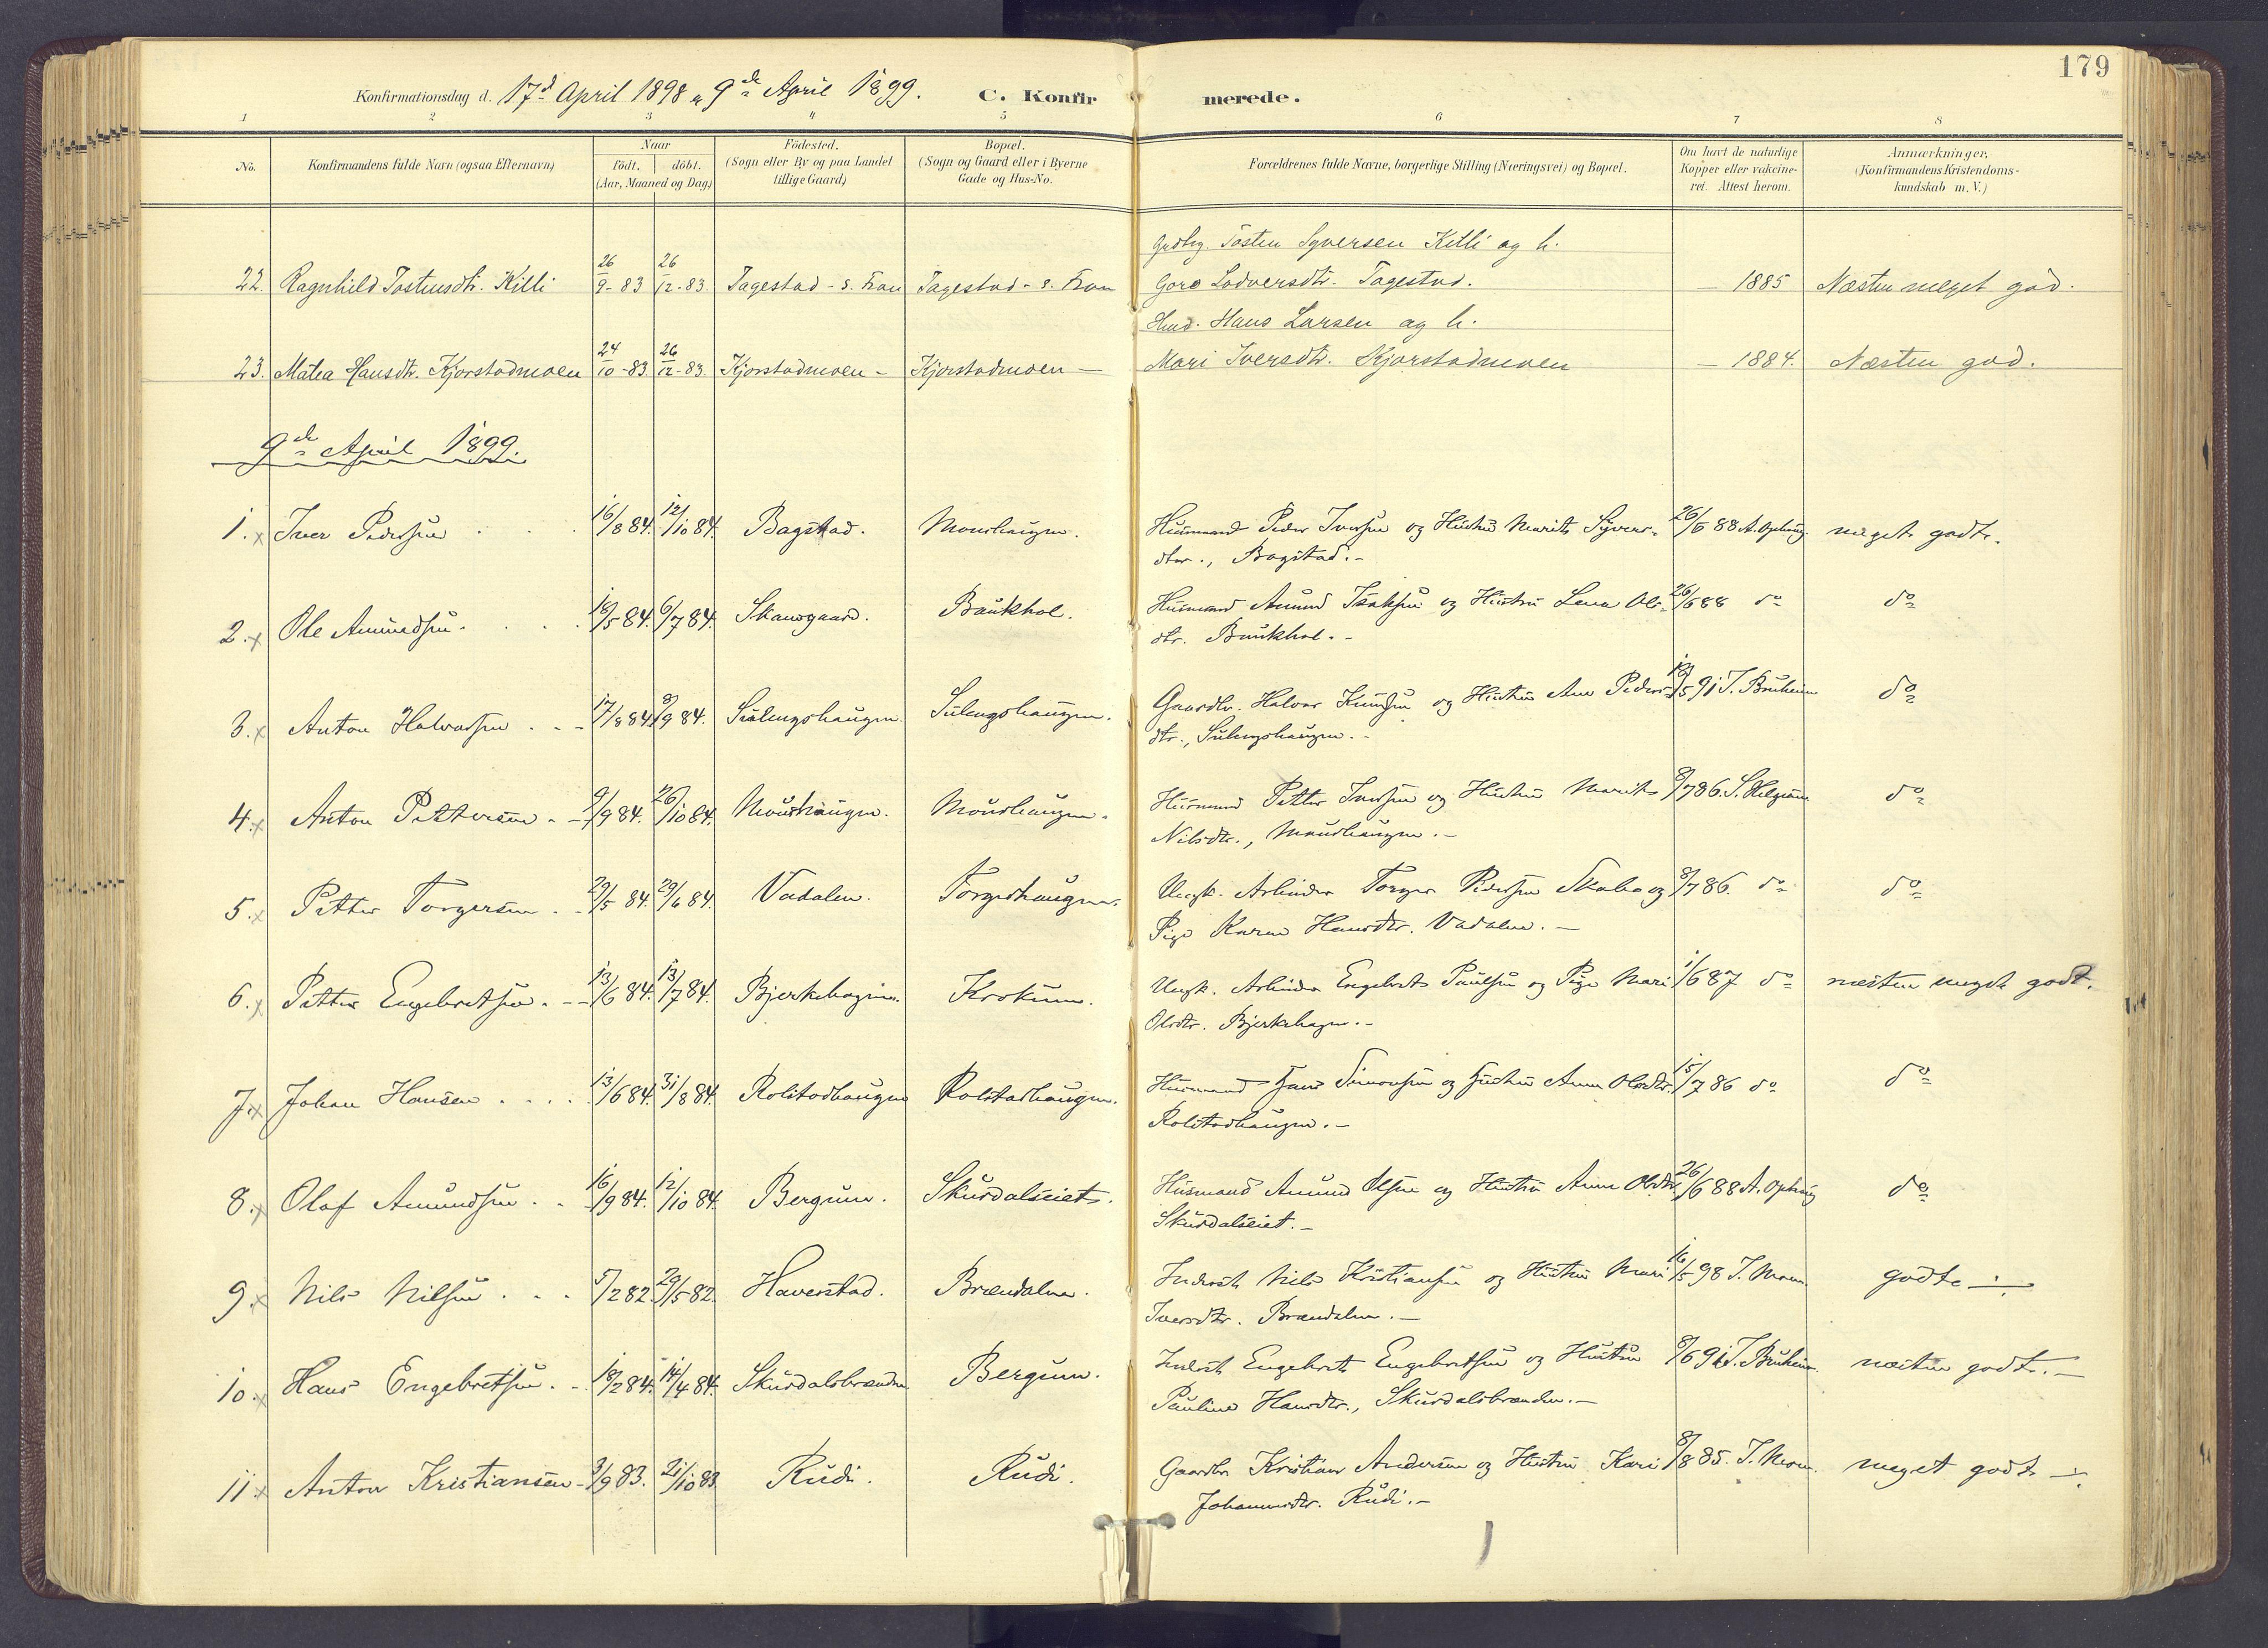 SAH, Sør-Fron prestekontor, H/Ha/Haa/L0004: Ministerialbok nr. 4, 1898-1919, s. 179